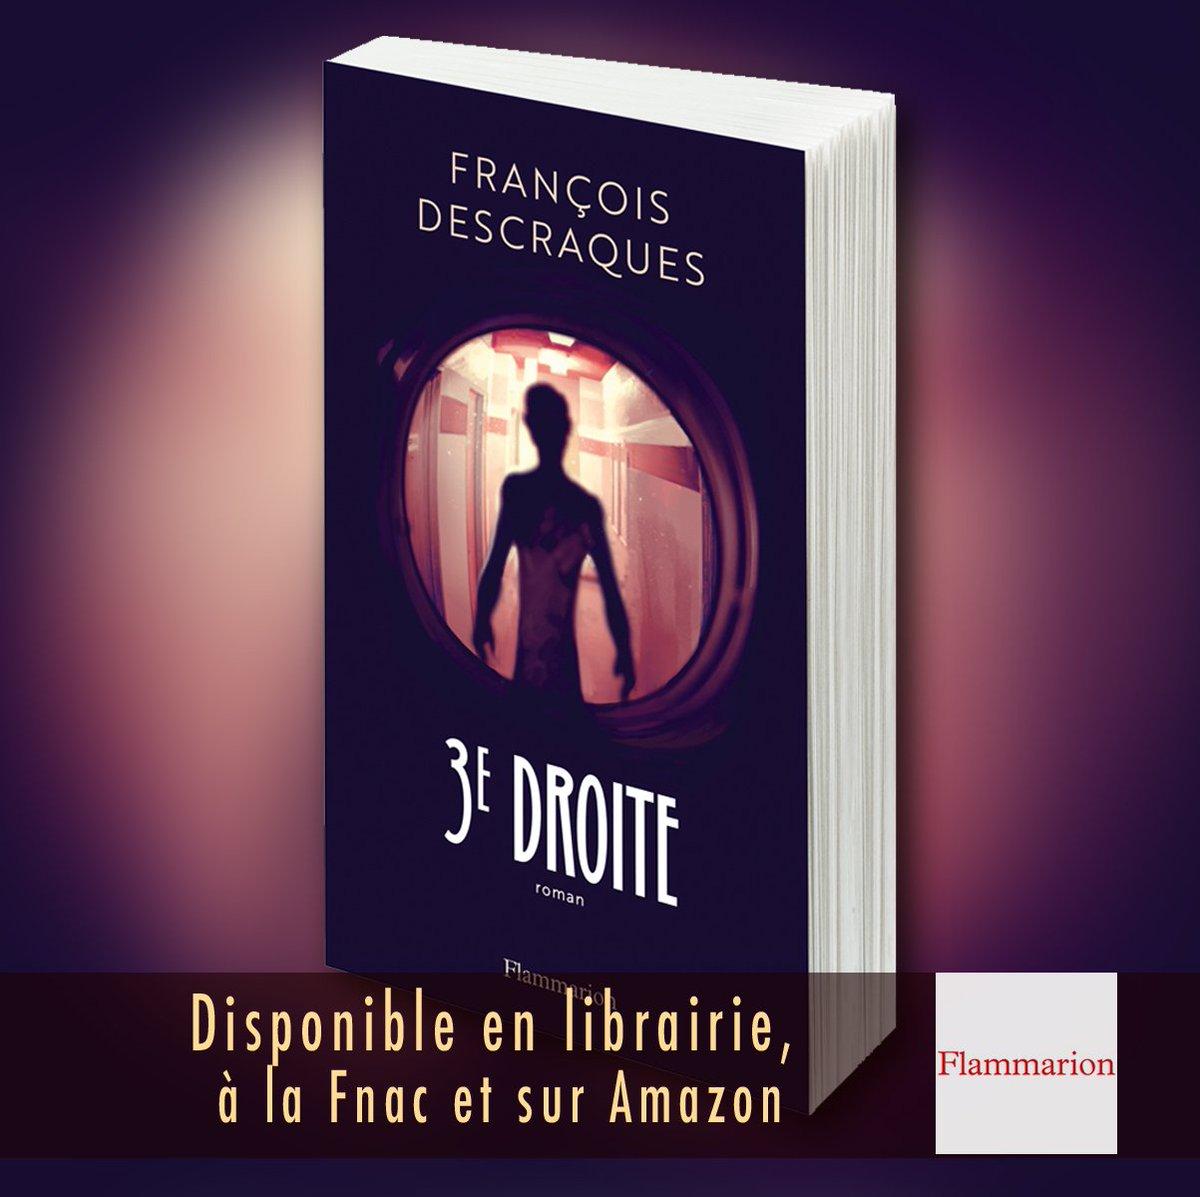 """[Livre] """"3ème droite"""" de François Descaques Doko3SPWwAADfSt"""